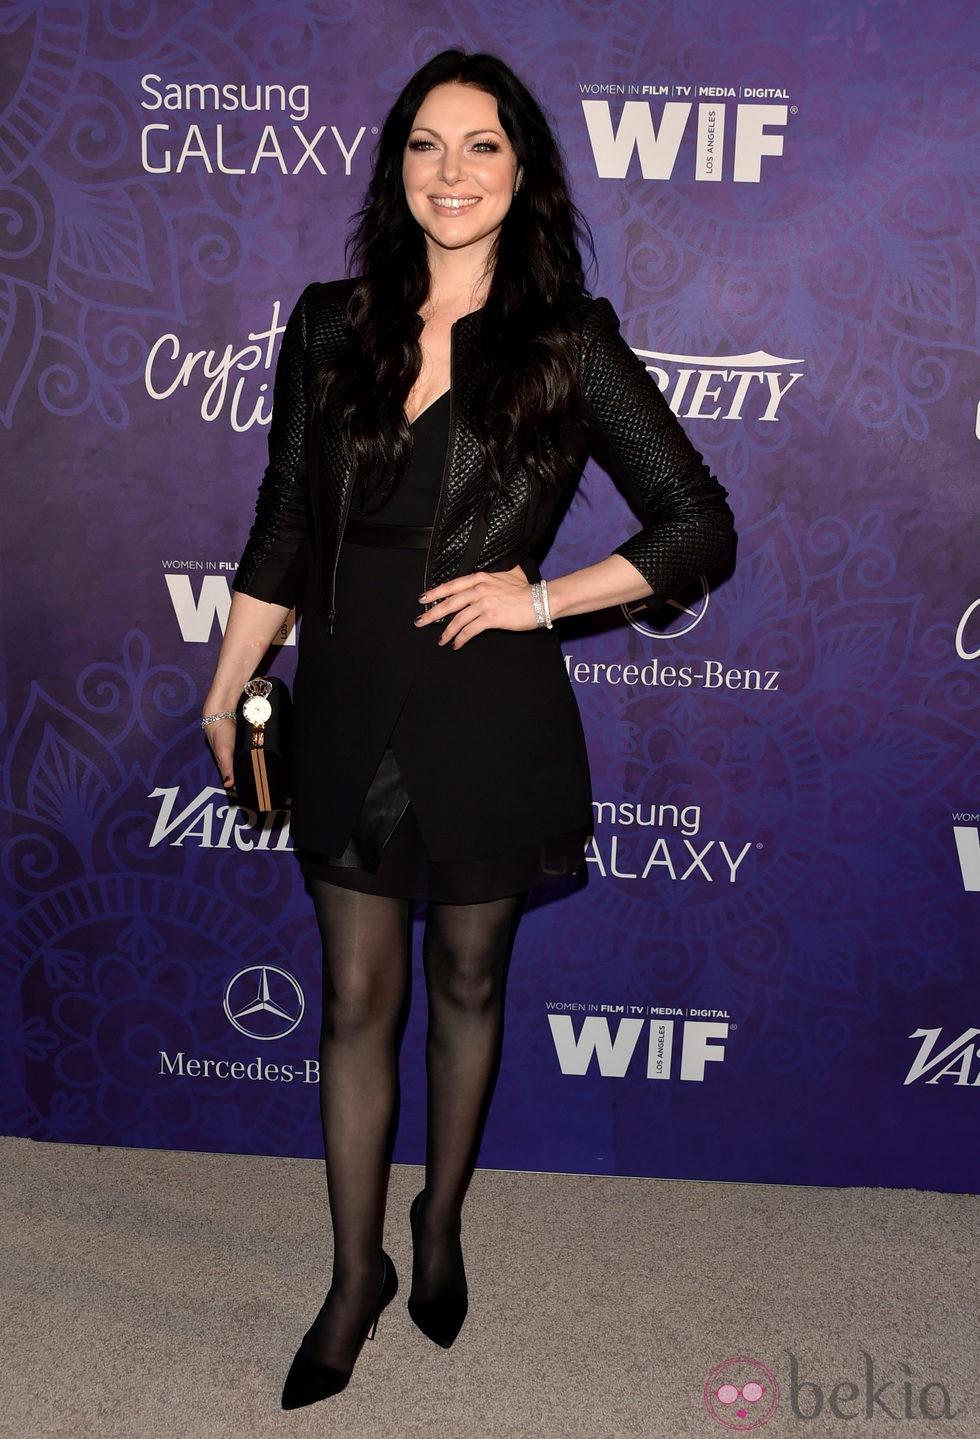 Laura Prepon en una fiesta previa a la entrega de los Premios Emmy 2014